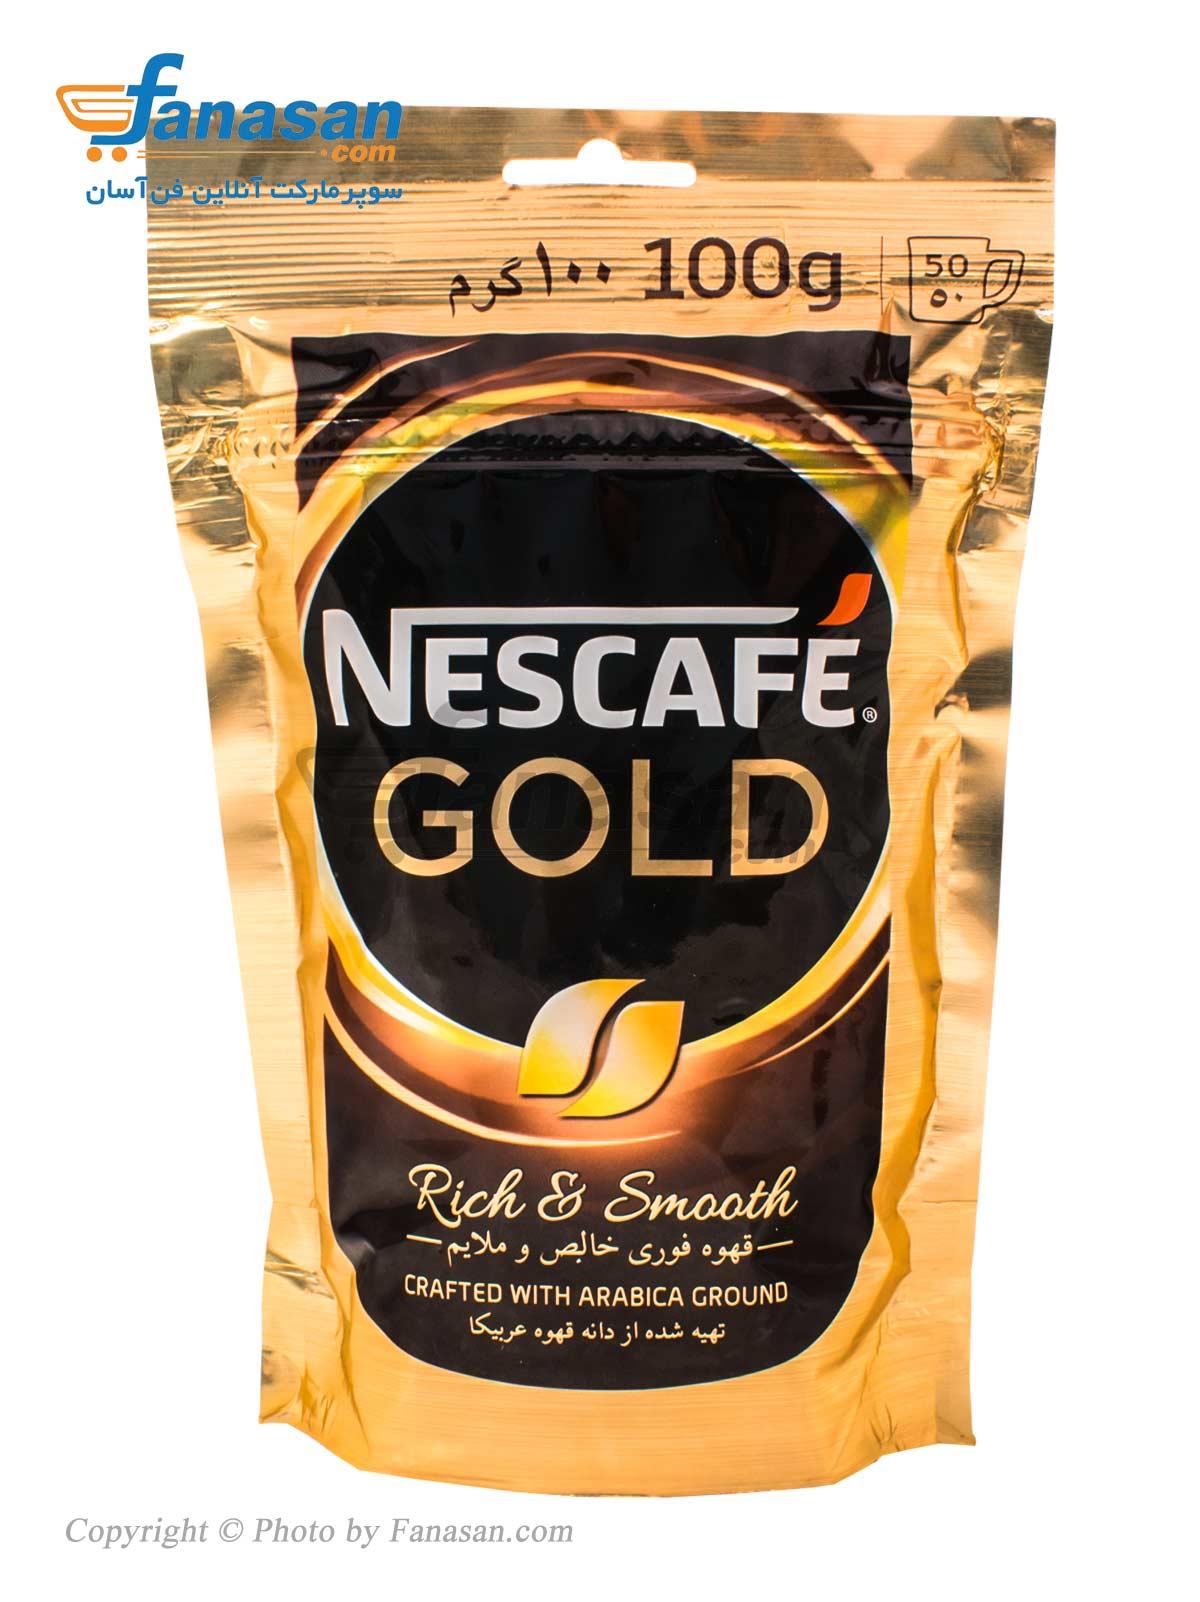 قهوه فوری نسکافه خالص و ملایم مدل گلد سلفونی 100 گرم